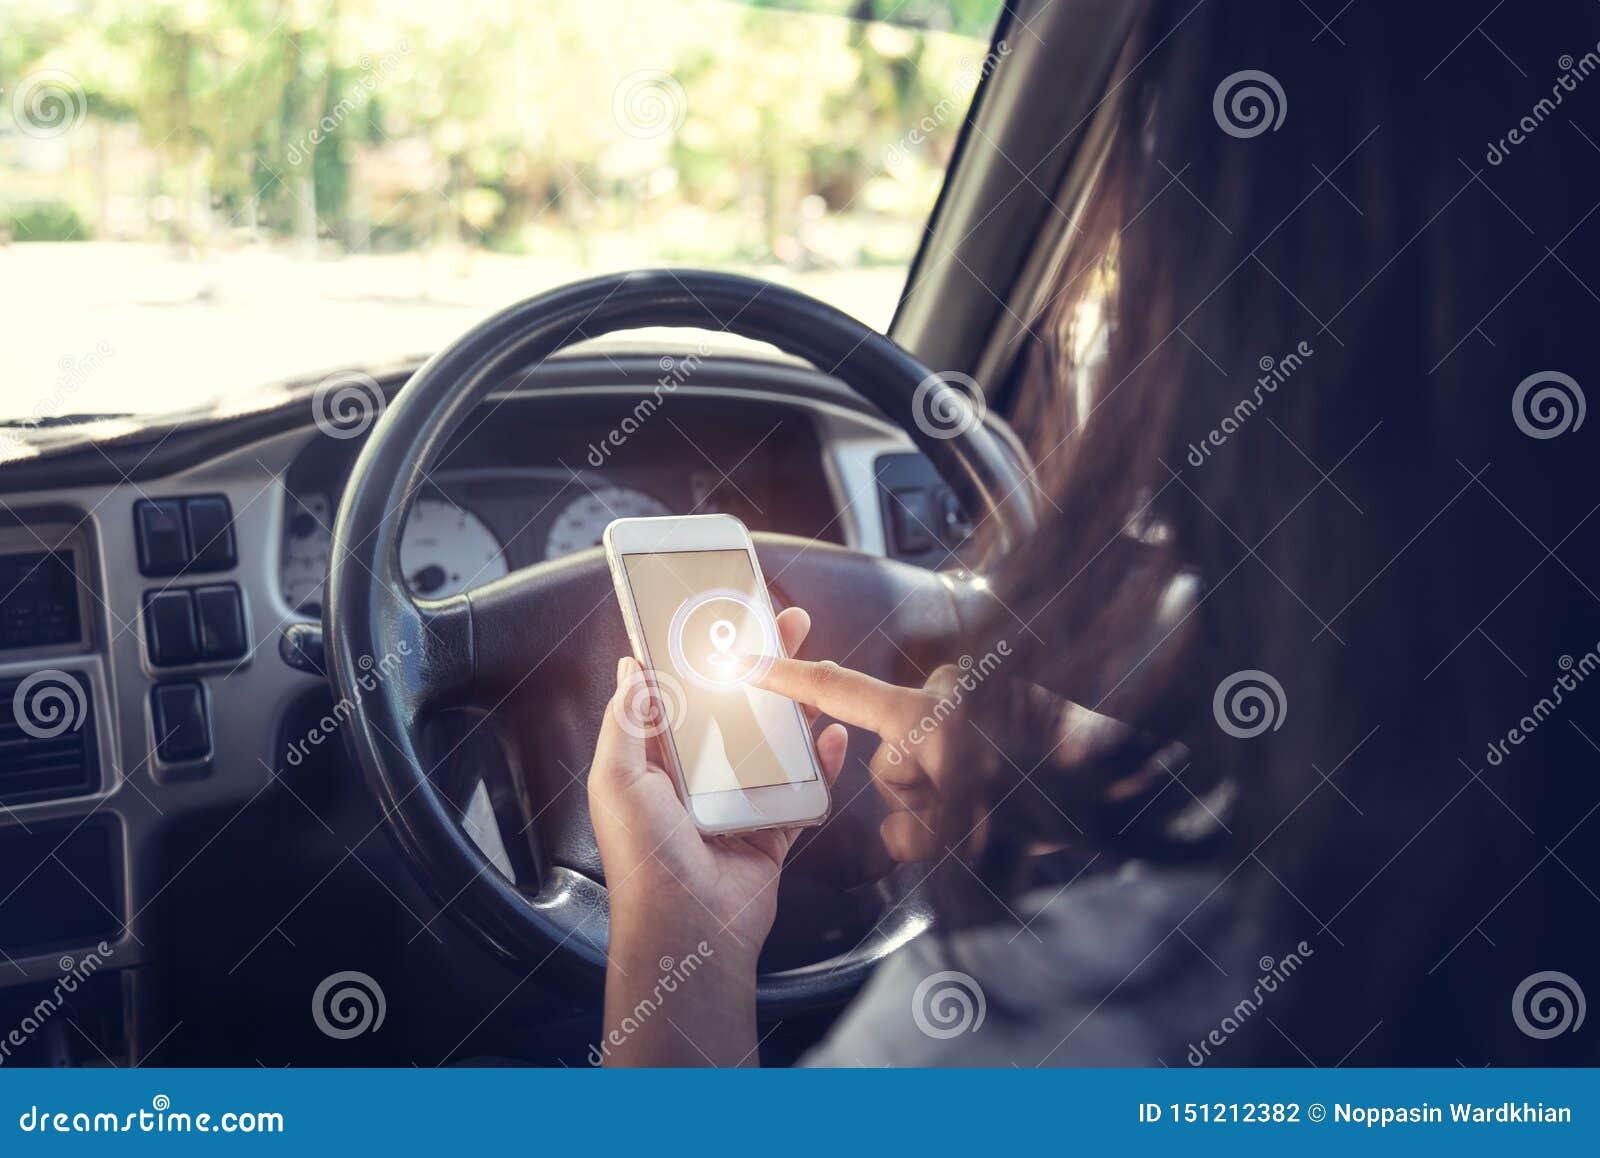 Carro contra o homem de negócios que usa um smartphone